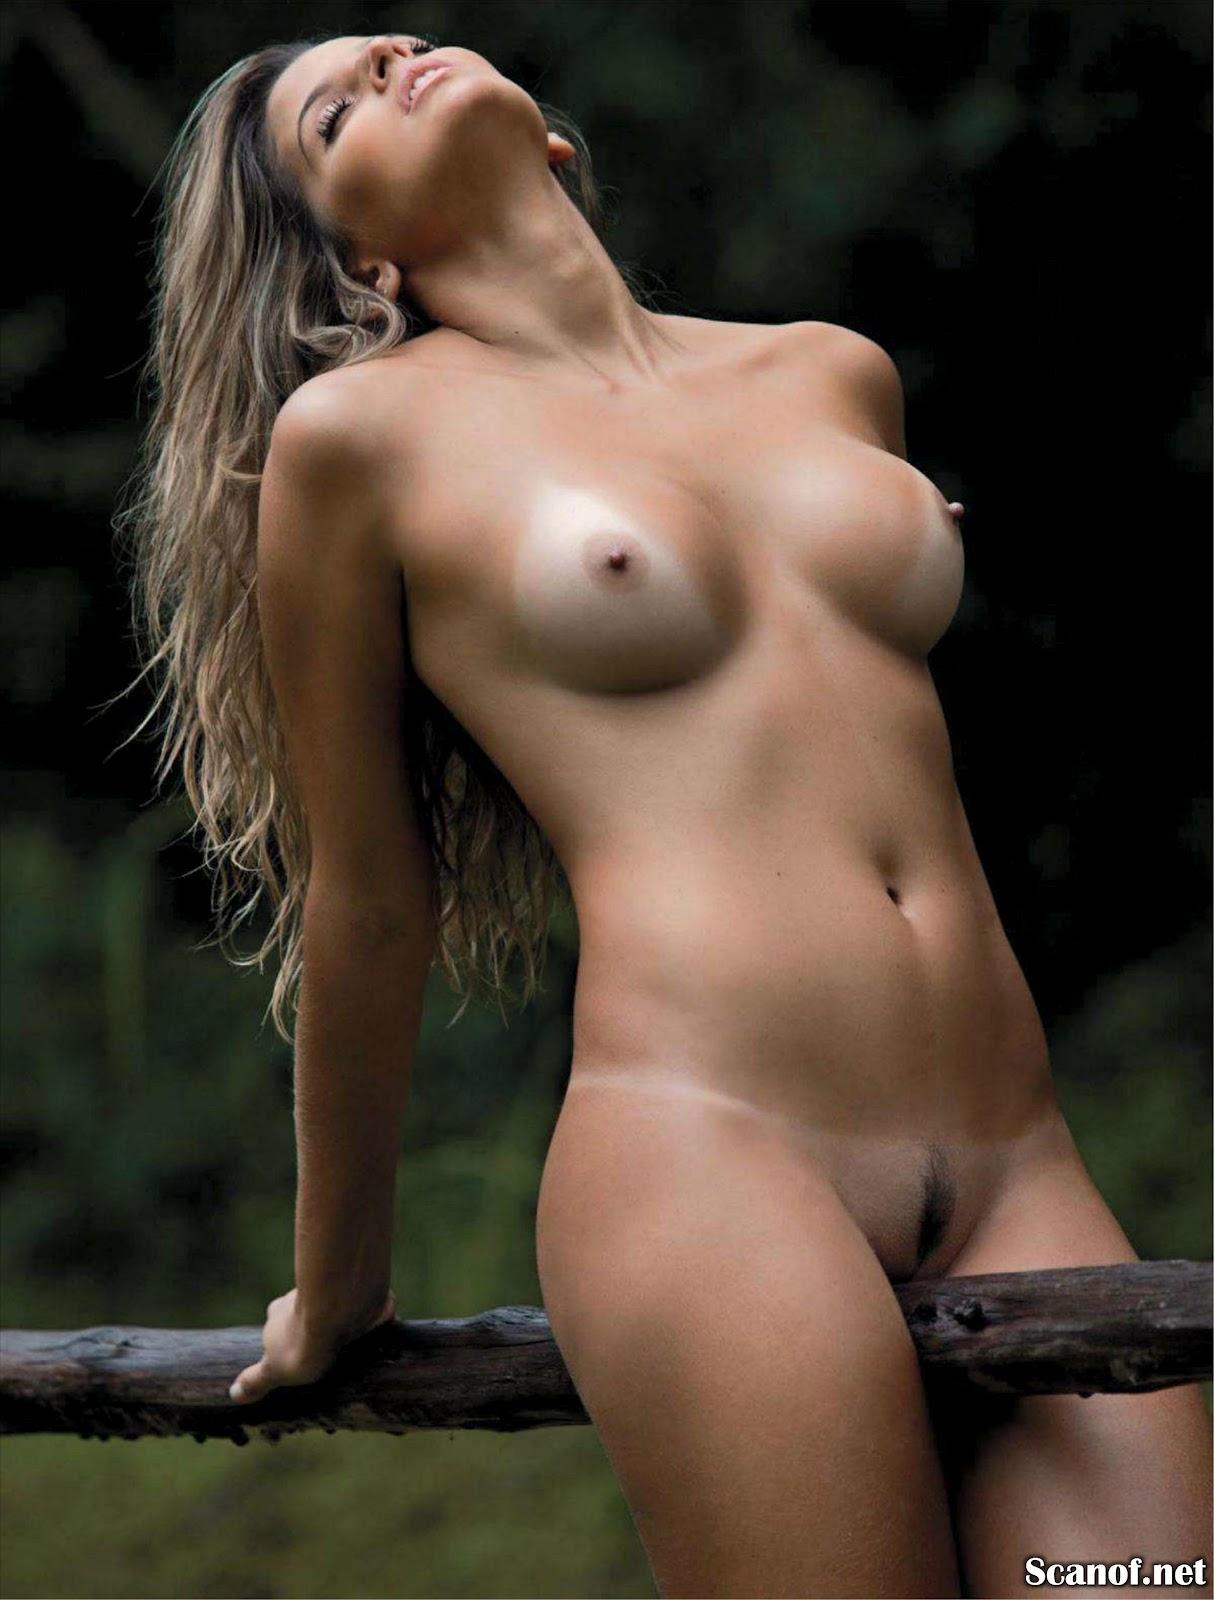 Ролики красивых голых девушек бесплатно 15 фотография